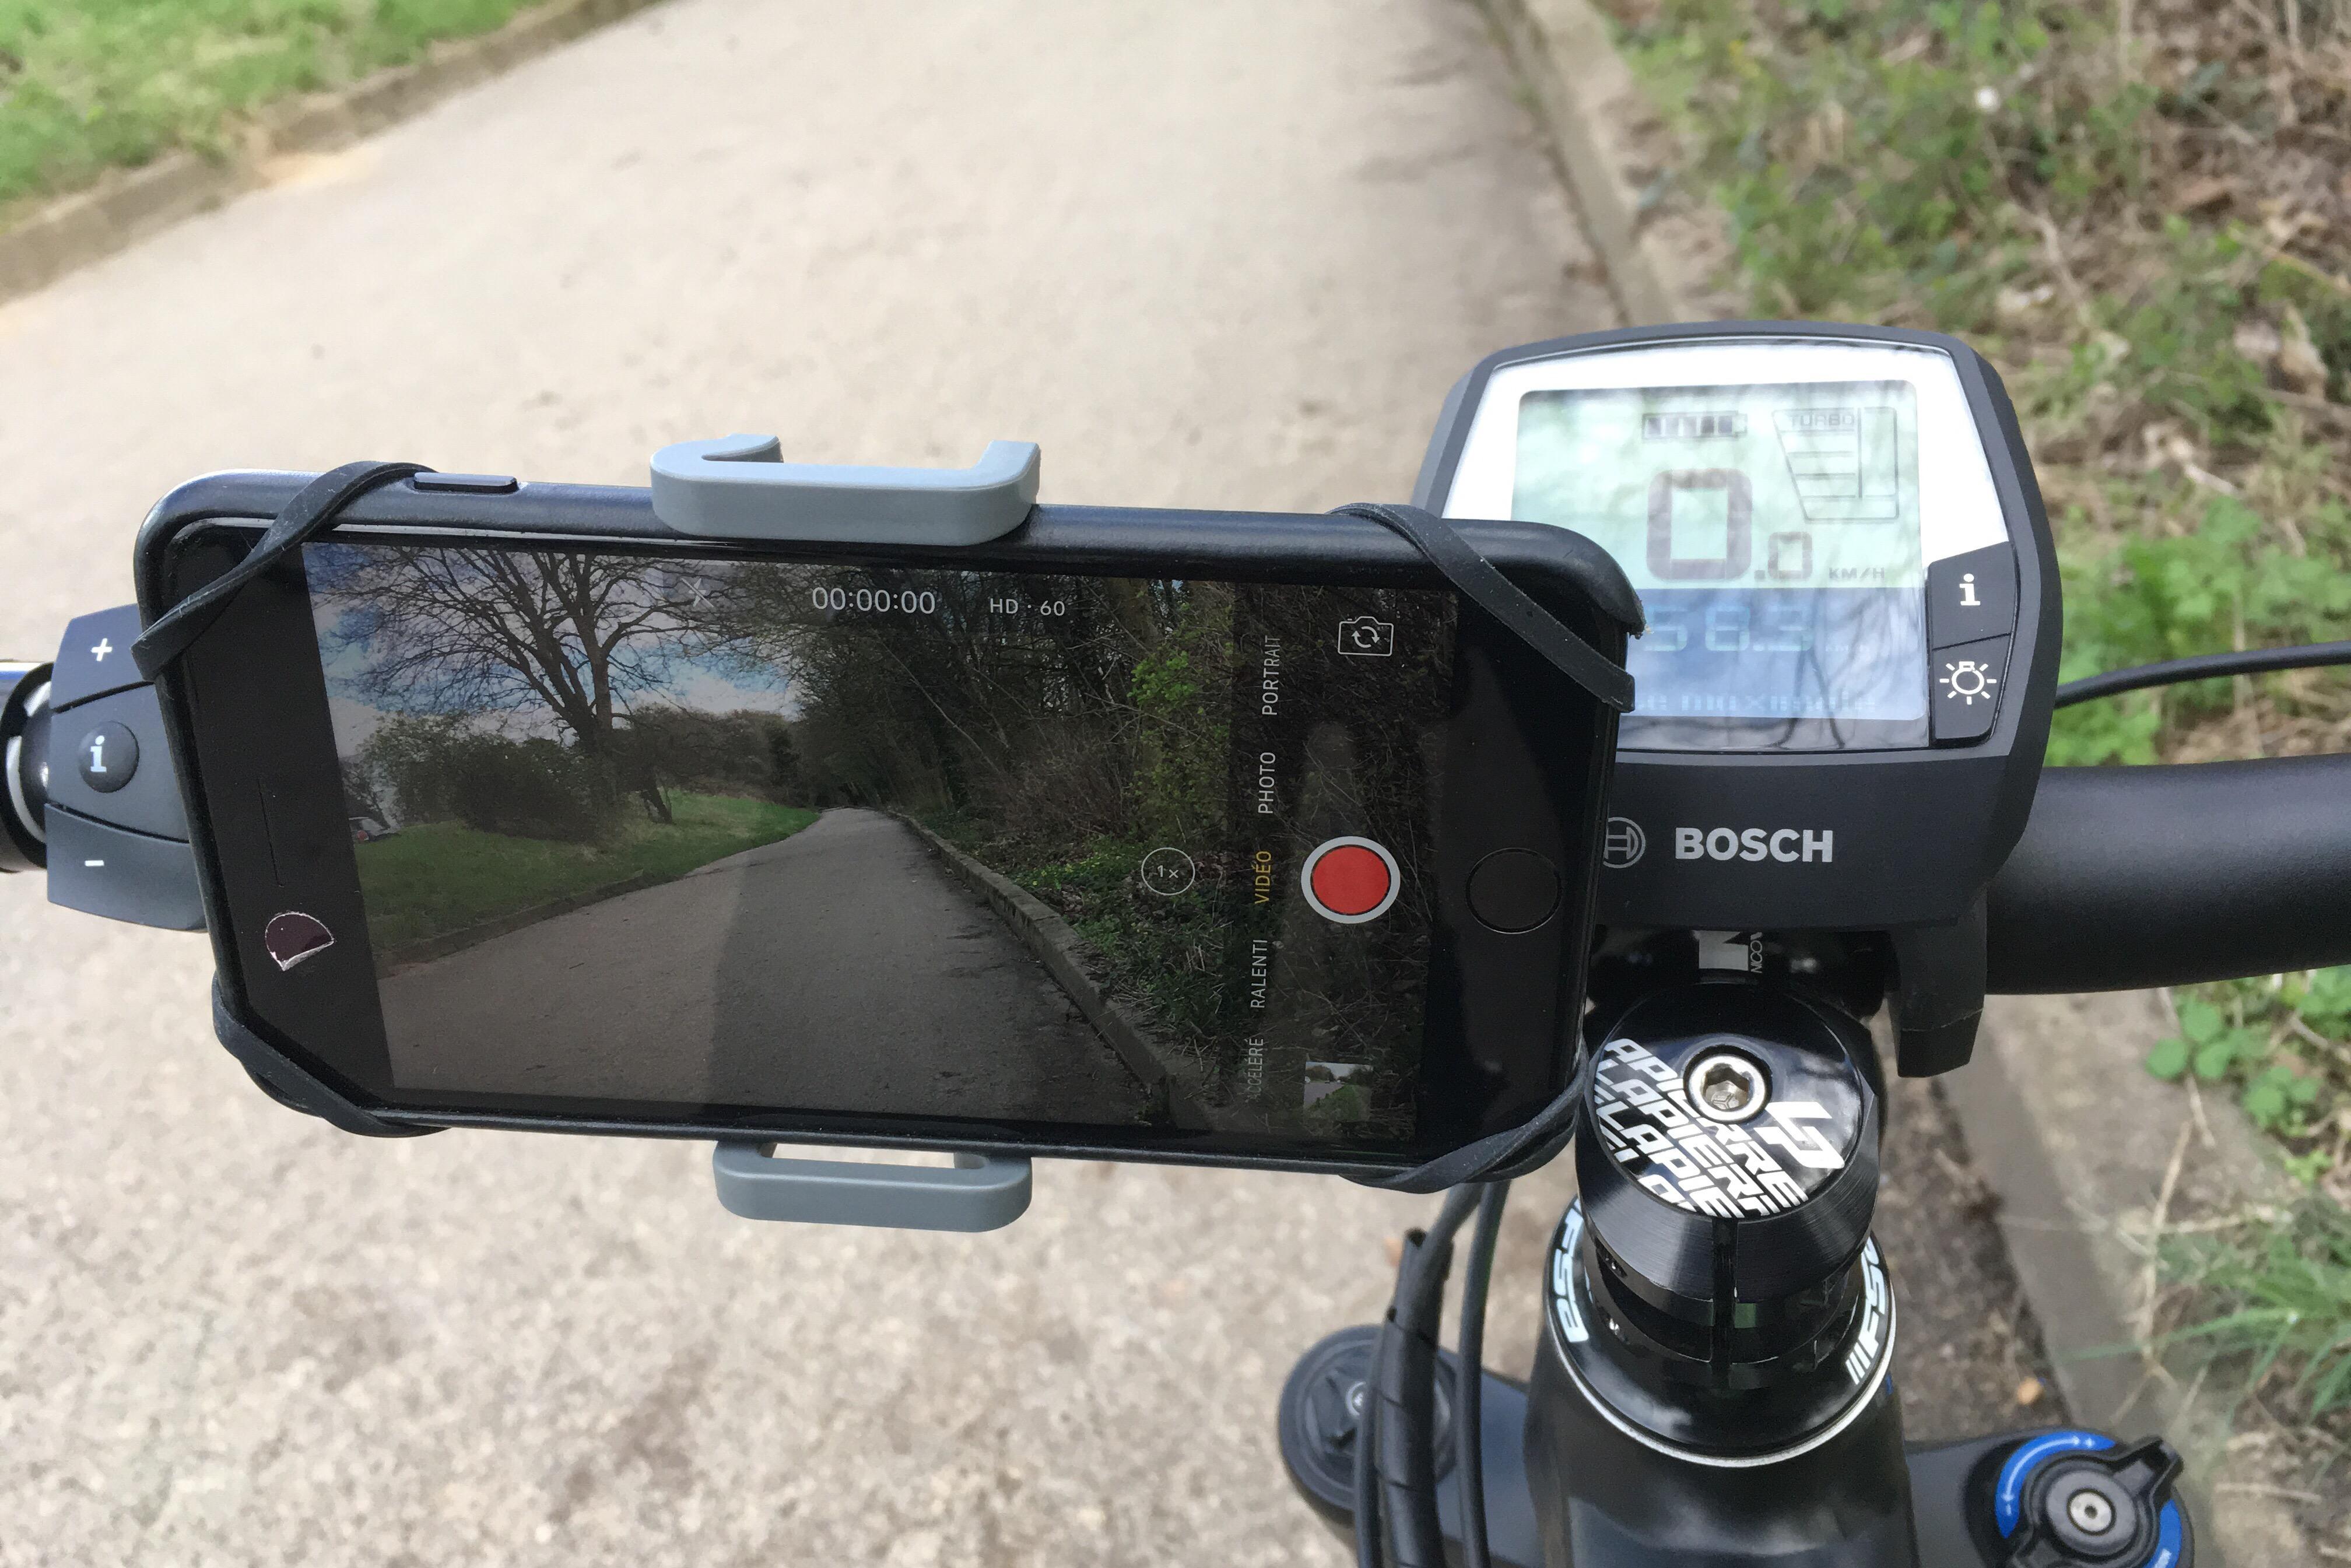 Le support vélo pour smartphone PNY Expand Bike Mount fixé sur un vélo, 03 2017, Ph. Moctar KANE.